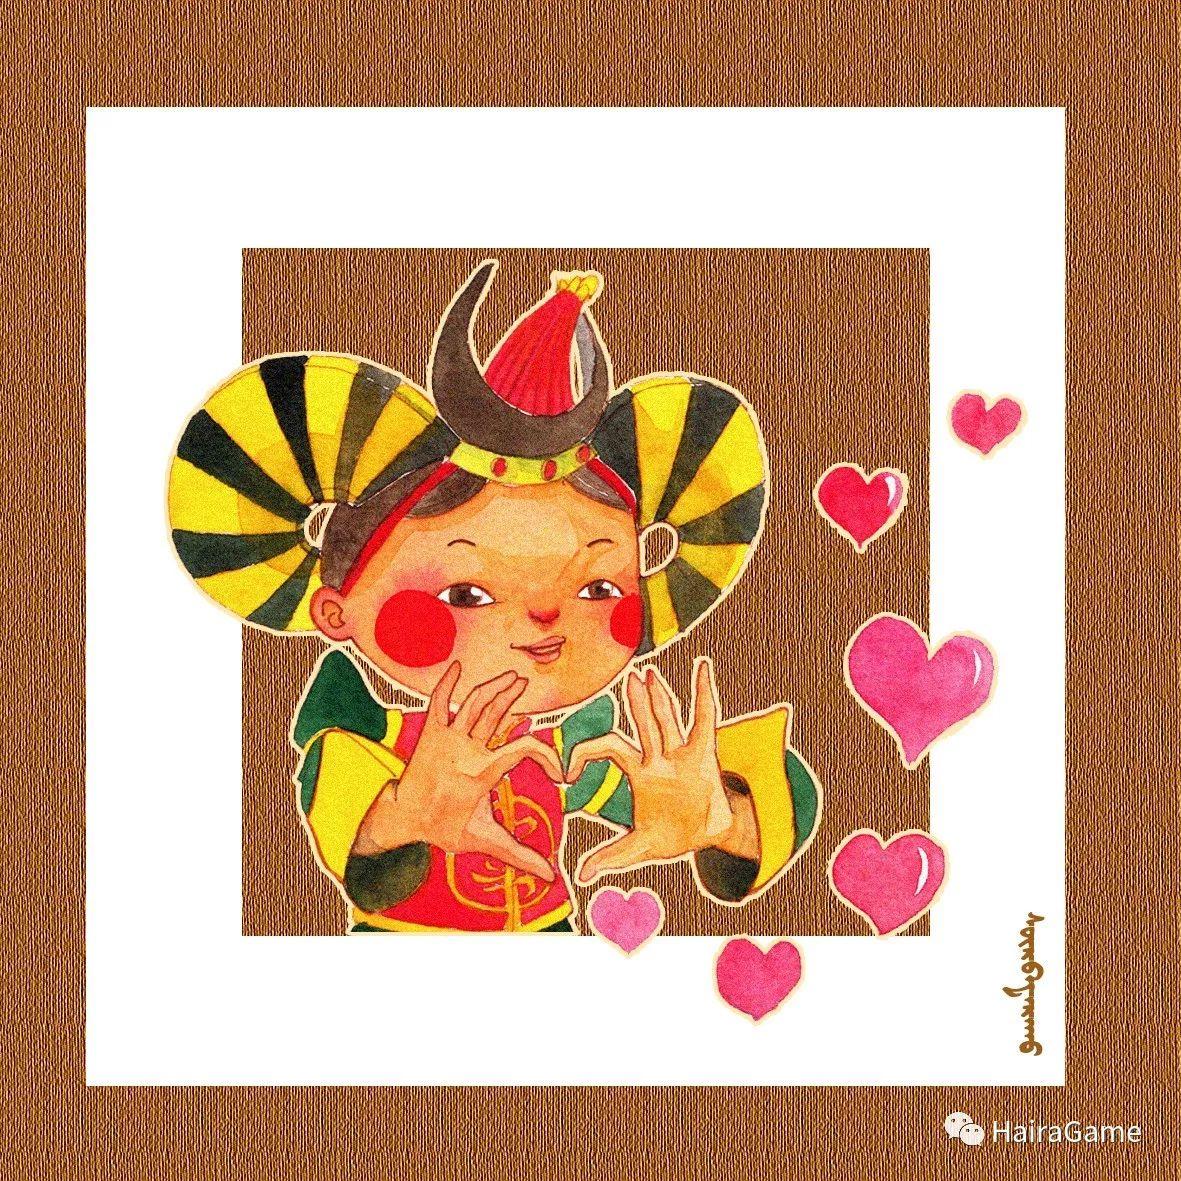 可爱的蒙古宝贝:诺敏和清赫尔·Surbadarah(原创插画) 第7张